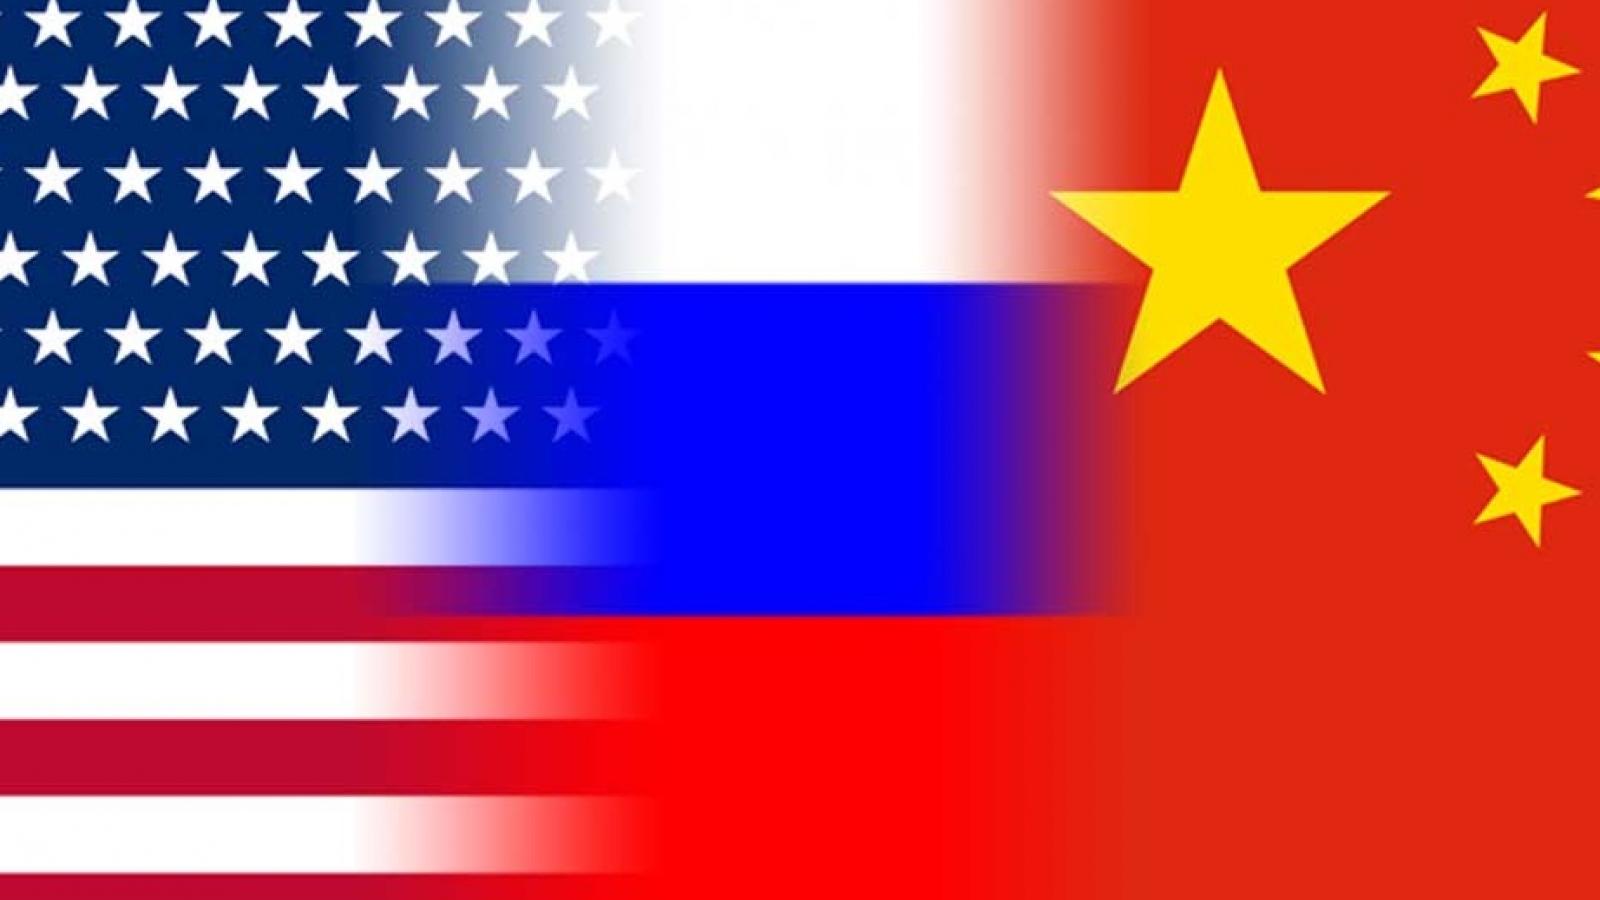 Trung Quốc-Nga bàn về Triều Tiên trong lúc Mỹ-NATO thảo luận tình hình Nga